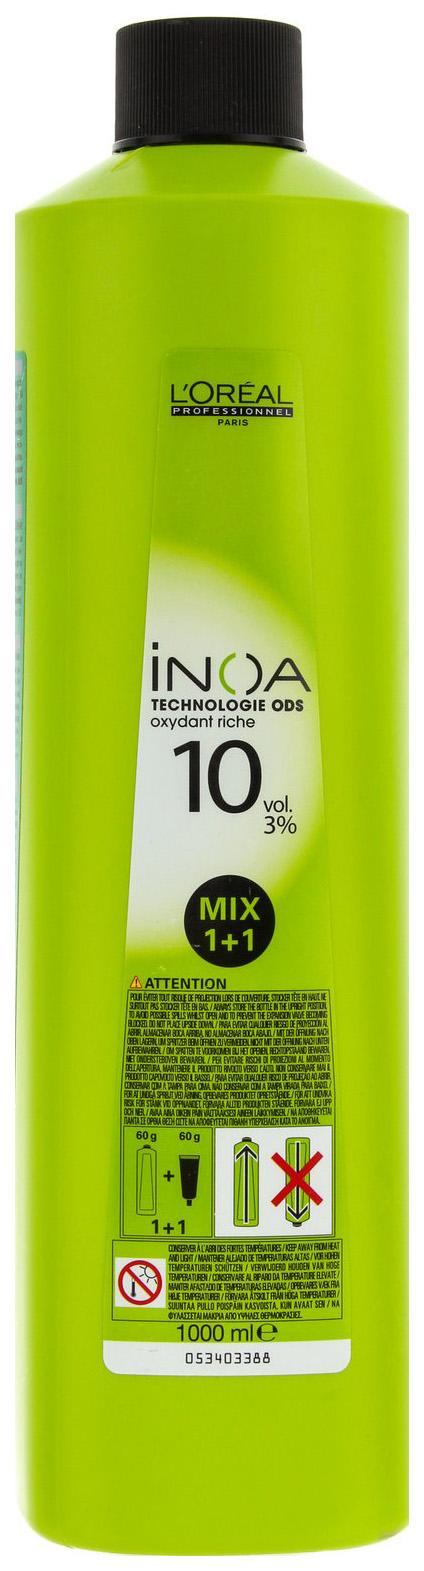 Проявитель L'Oreal Professionnel Inoa ODS2 3% 10 vol 1000 мл фото